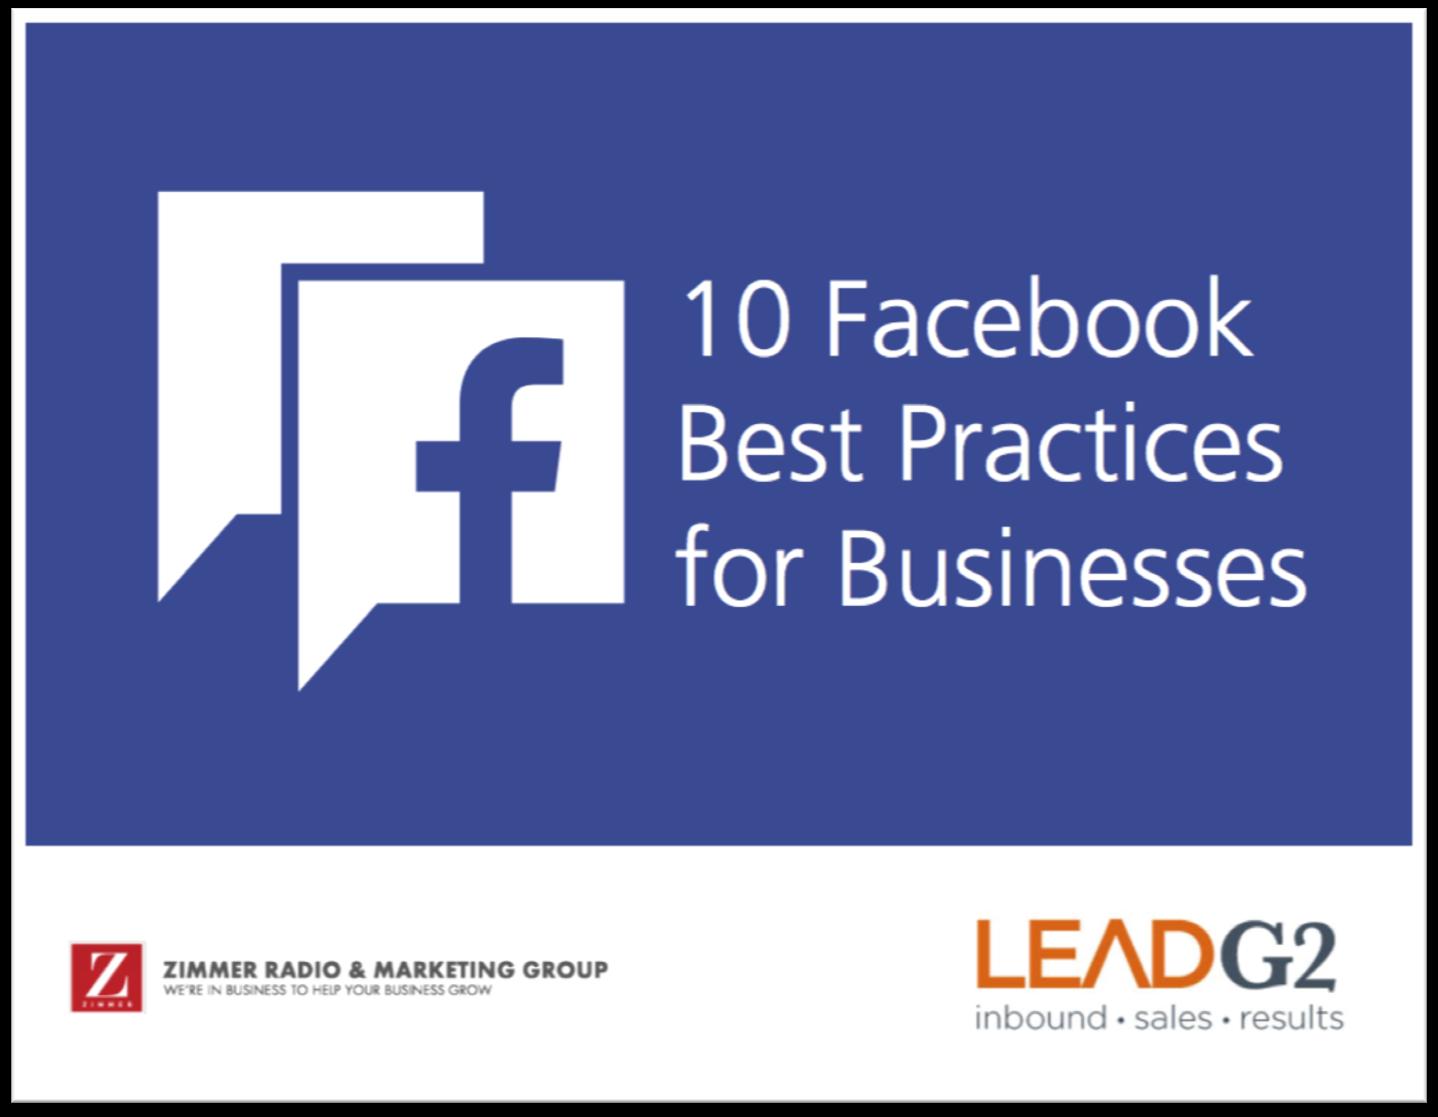 10-Facebook-Best-Practices